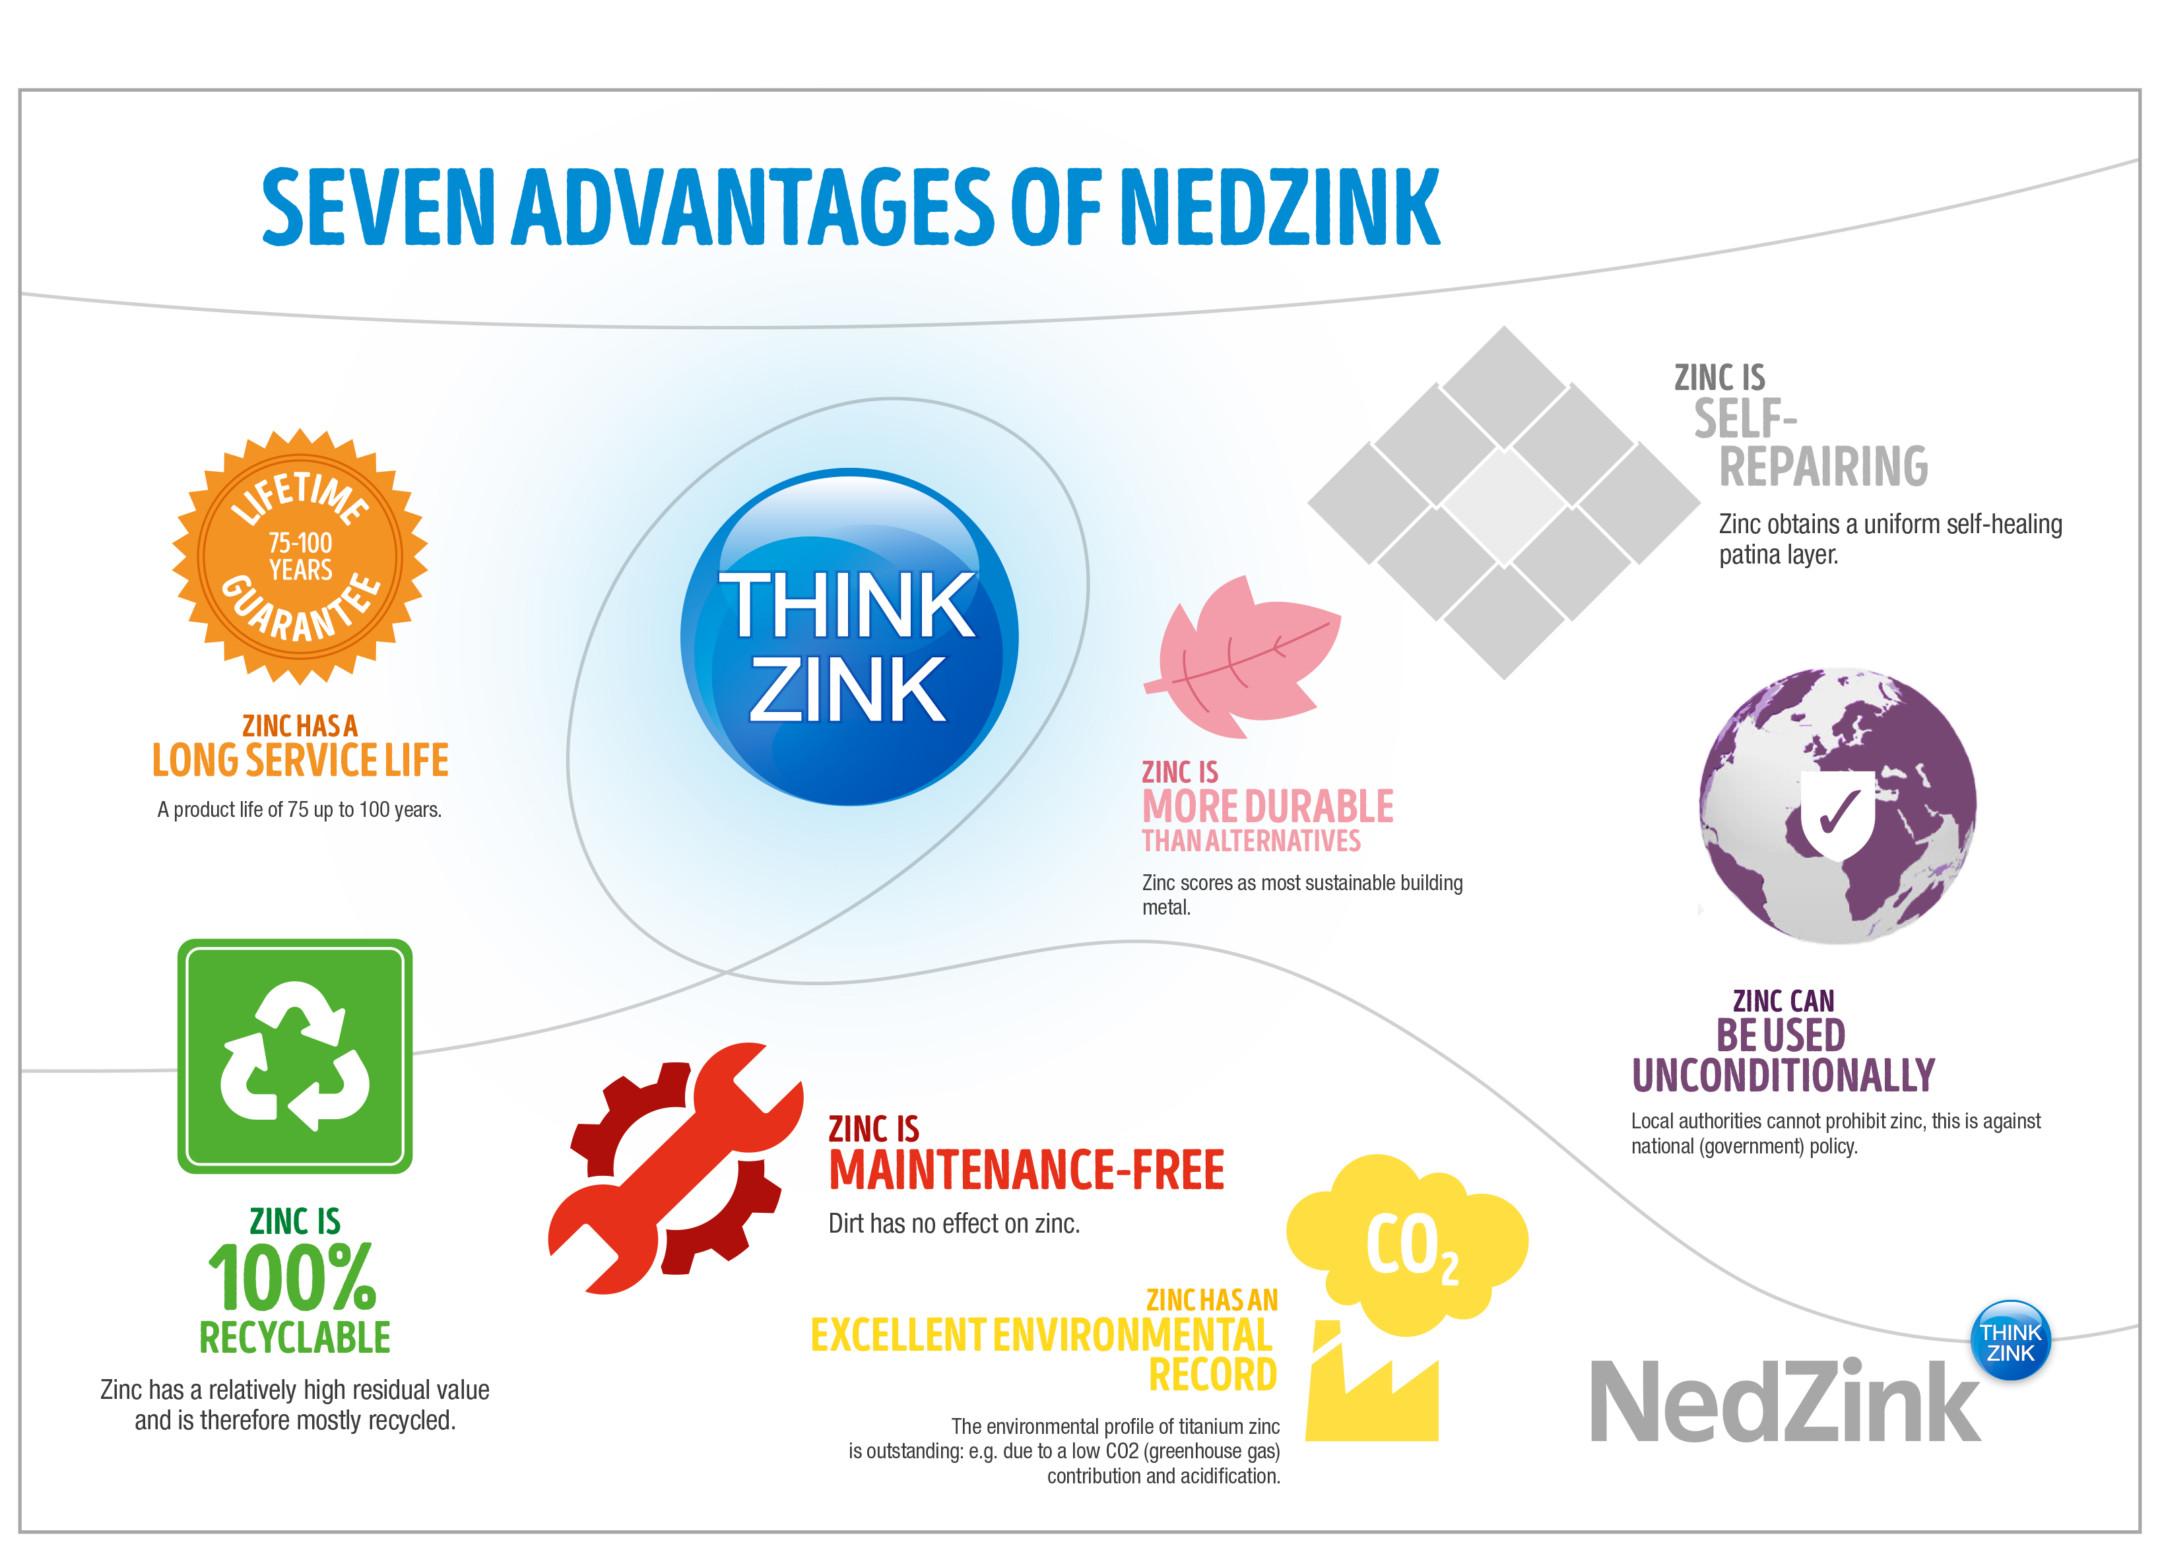 28507-nz-infographic-zeven-zink-zekerheden-en